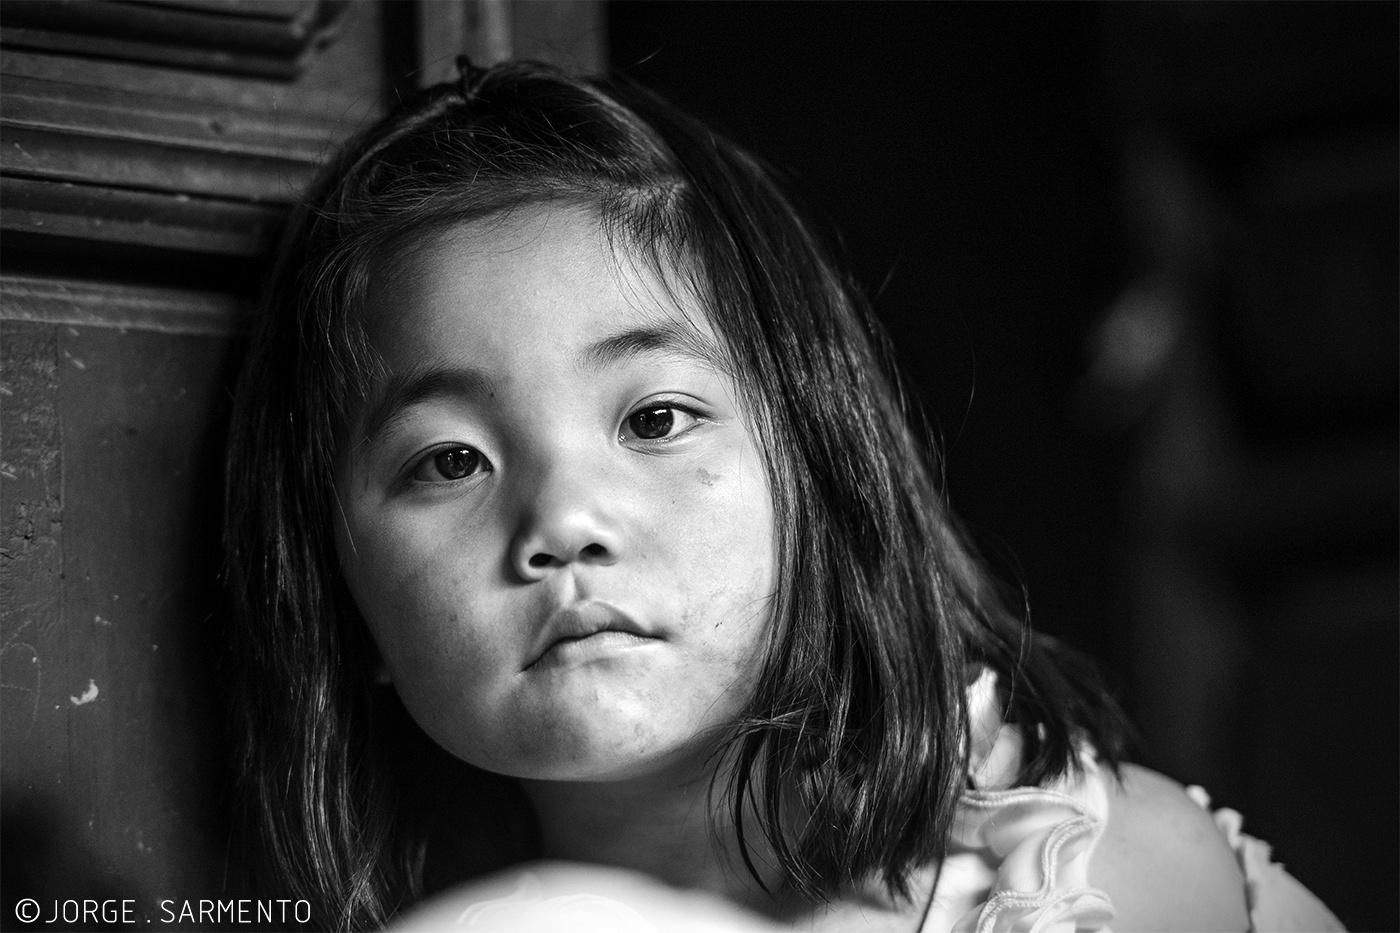 Retratos/Naxi Girl